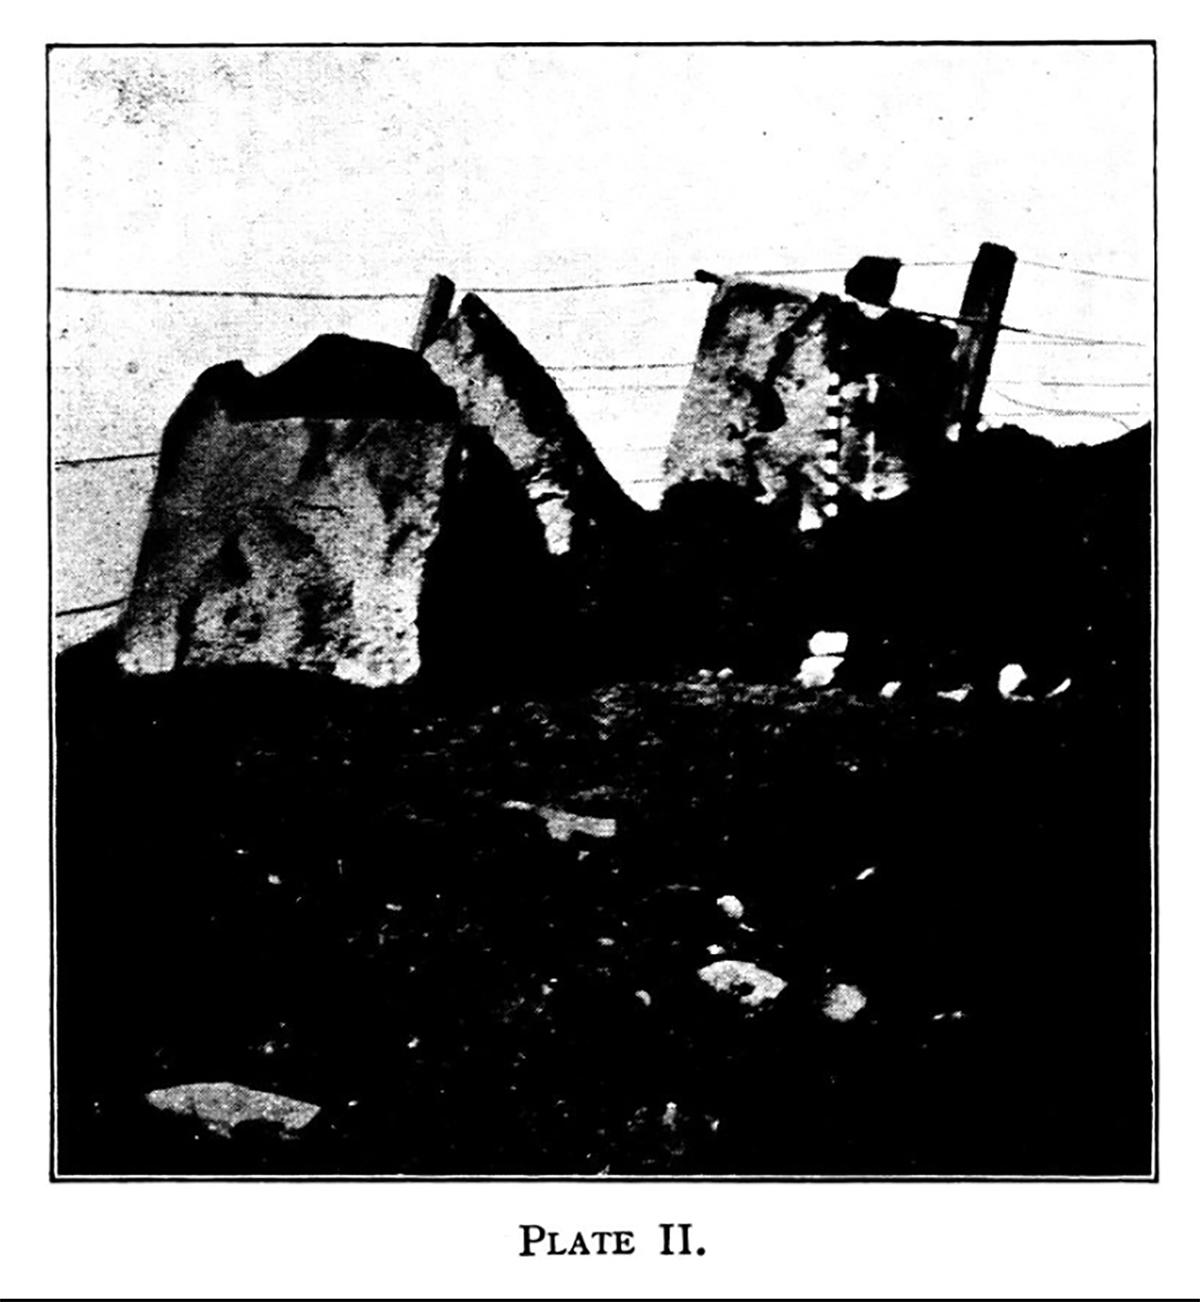 Olion cromlech neu gist - Fferm Moelcerni, Cyfoeth-y-Brenin, Sir Aberteifi